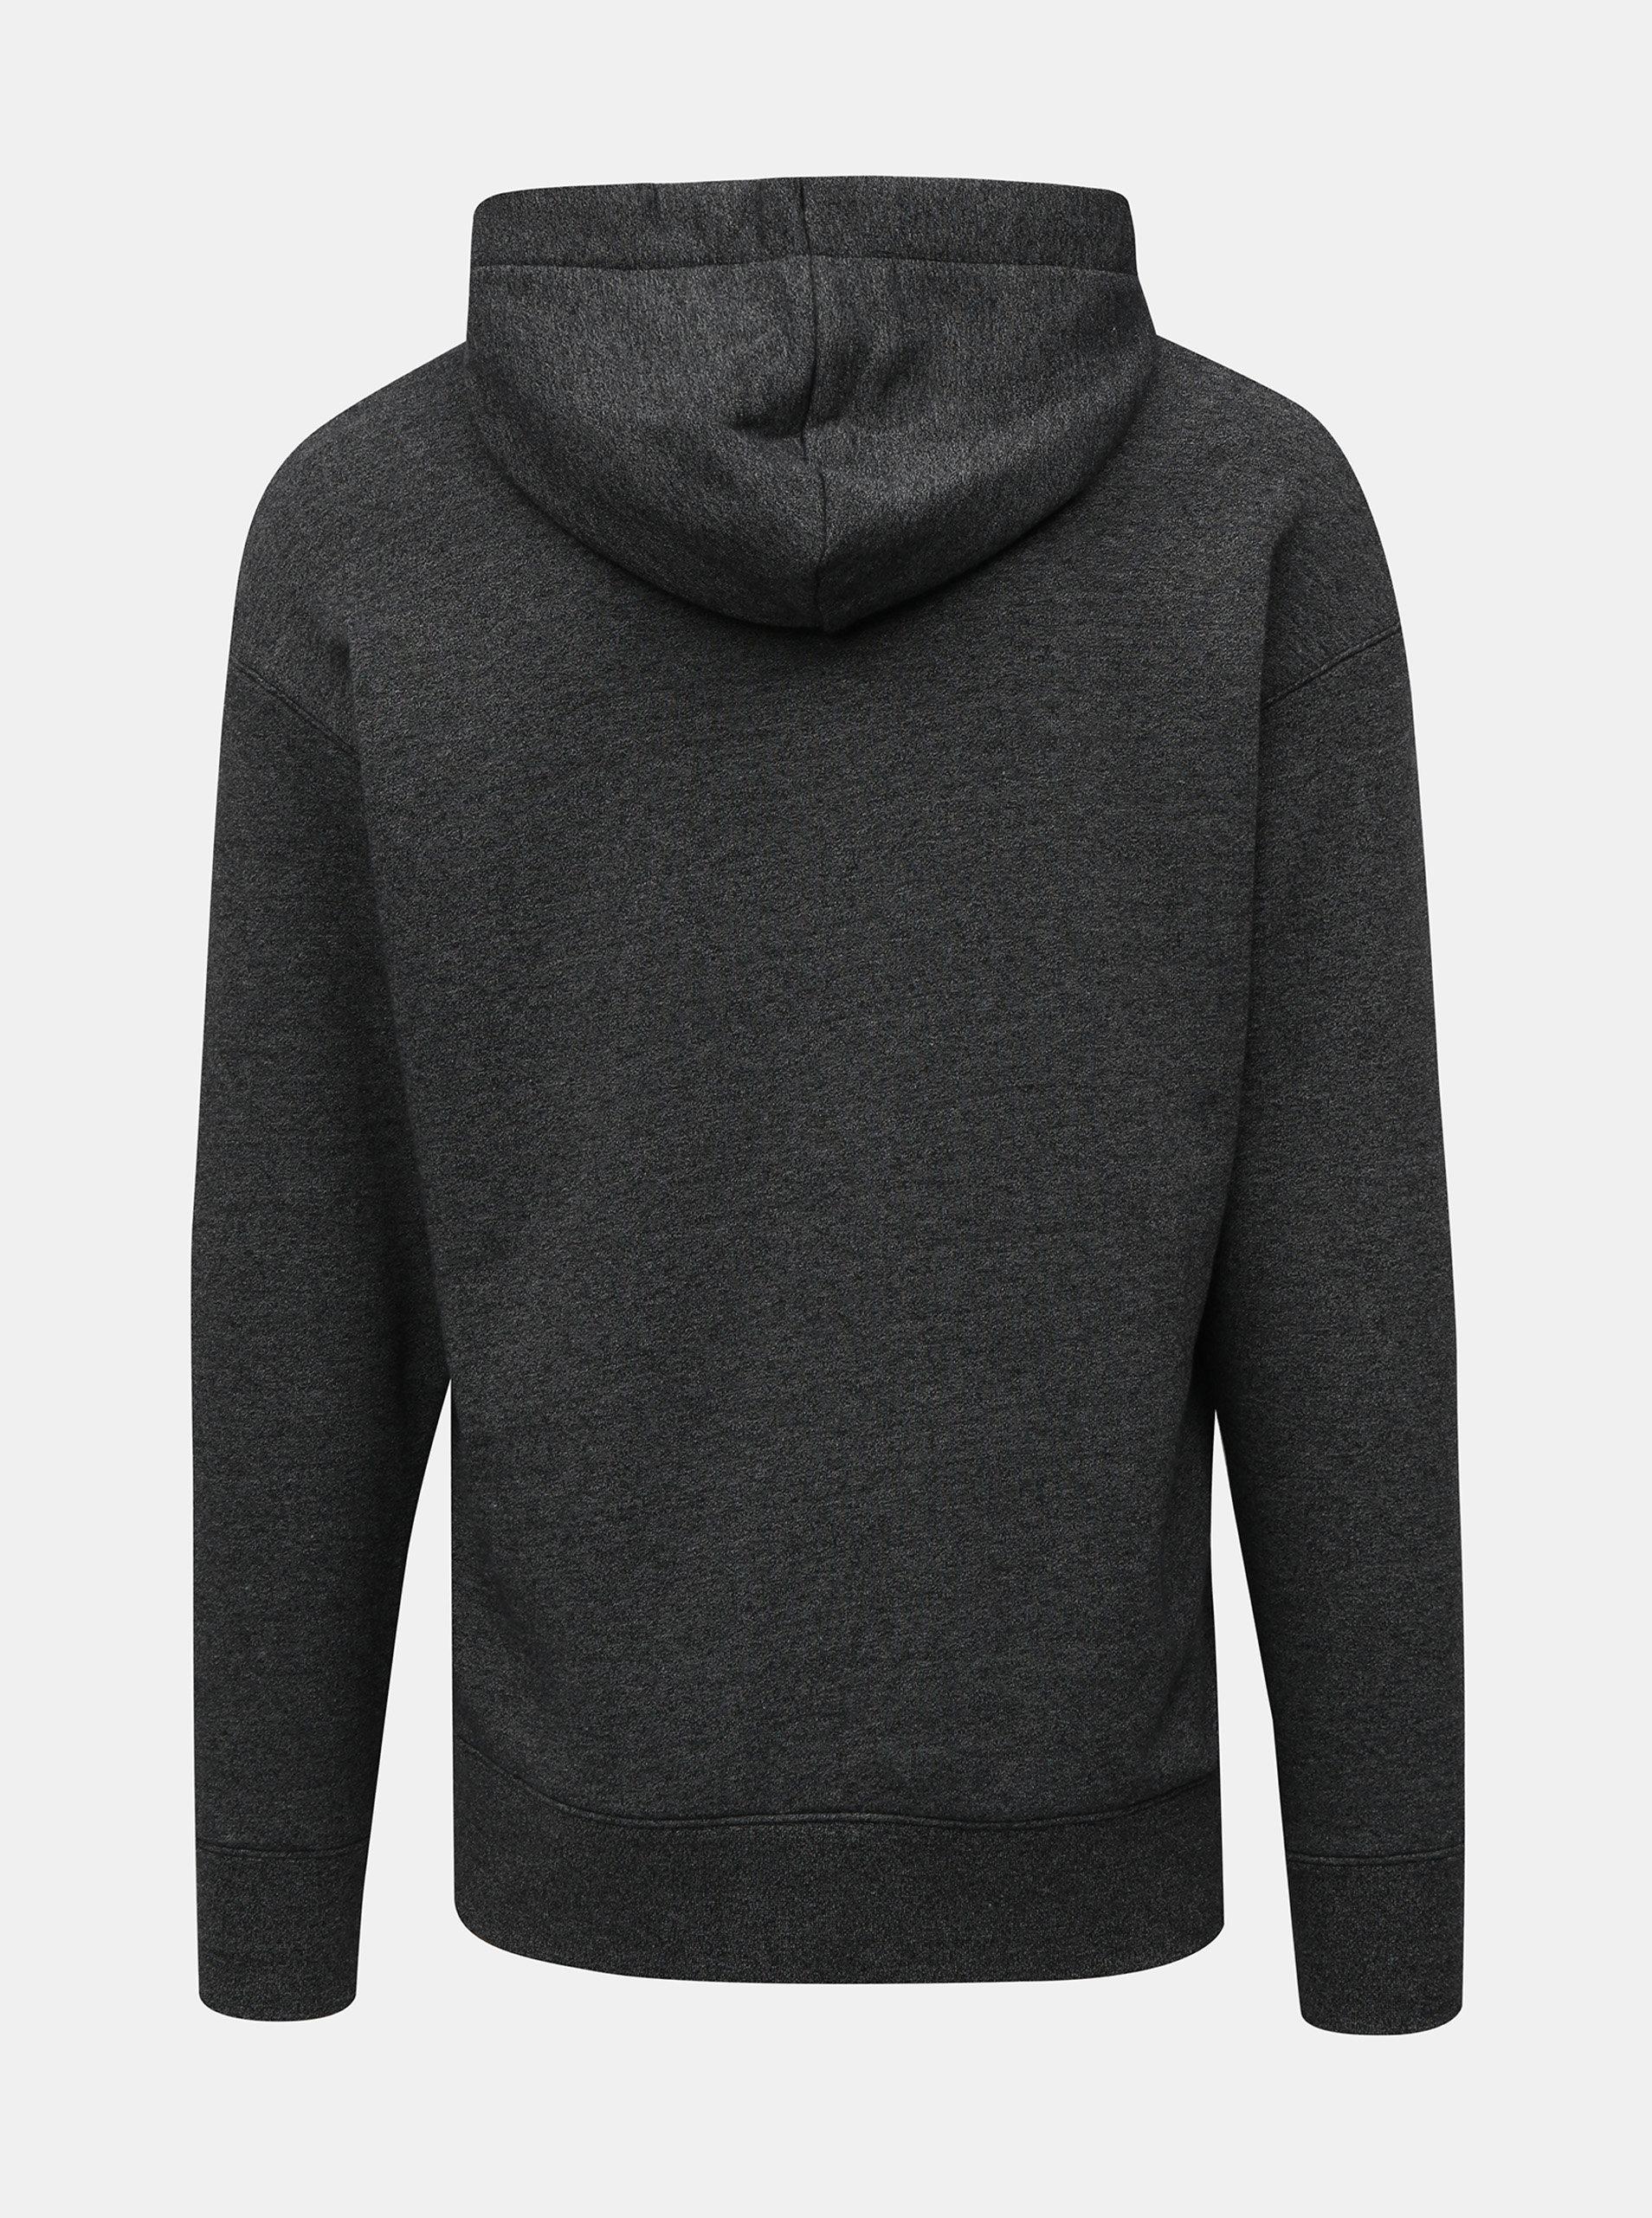 Tmavě šedá pánská žíhaná mikina na zip s výšivkou Nike Heritage ... 95e608a95e4